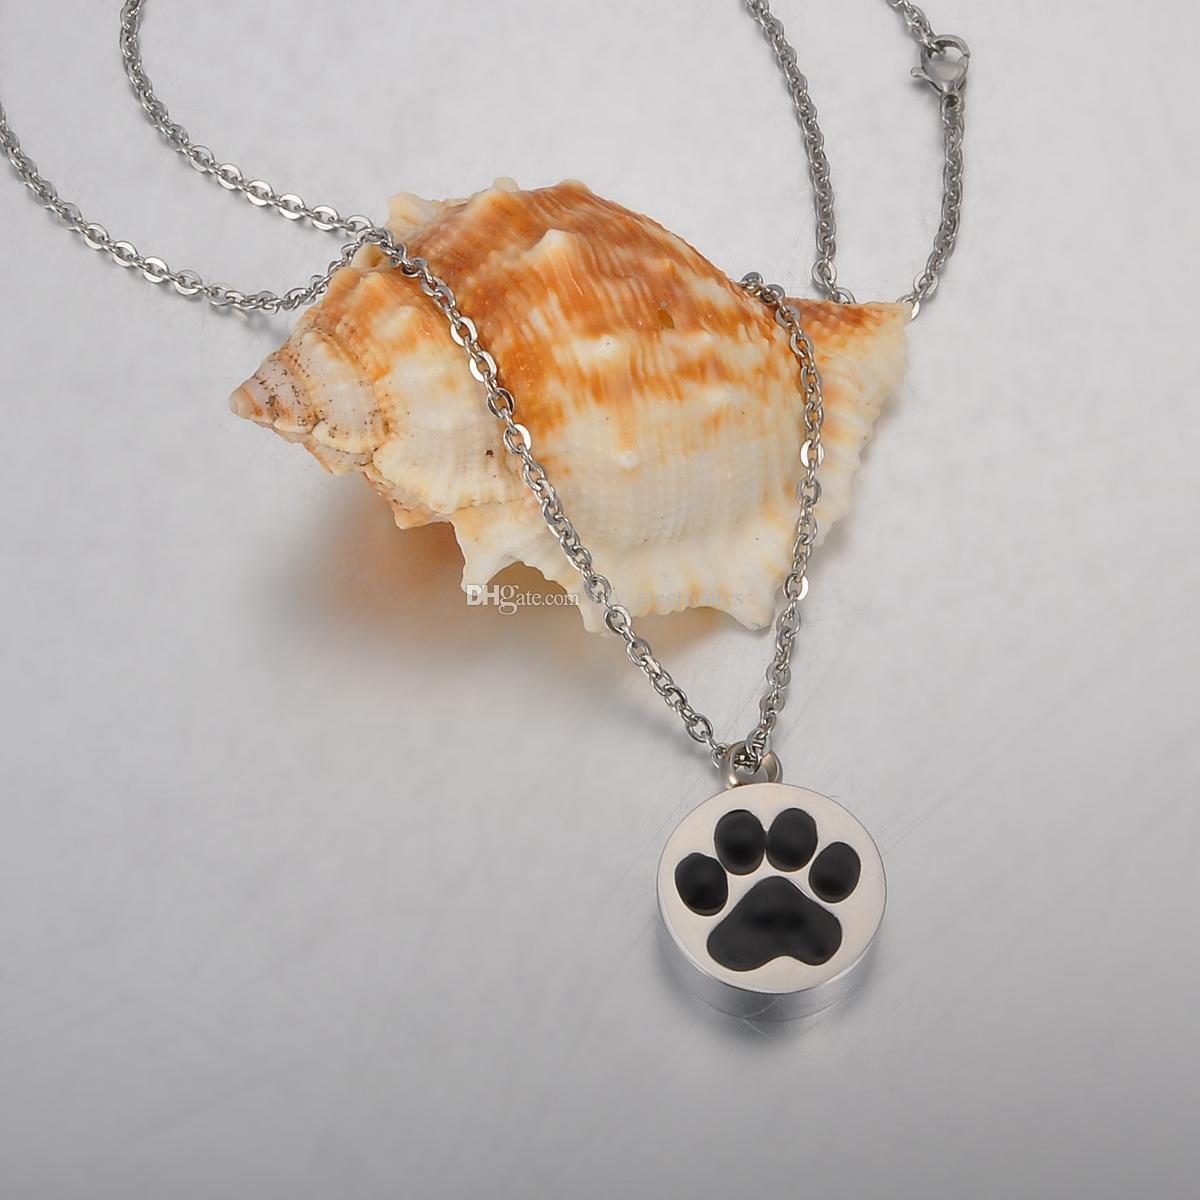 Lily Edelstahl Schwarzer Kleber Pet Dog Paw Runde Feuerbestattung Schmuck Asche Anhänger Andenken Memorial Urn Halskette mit Geschenktüte und Kette